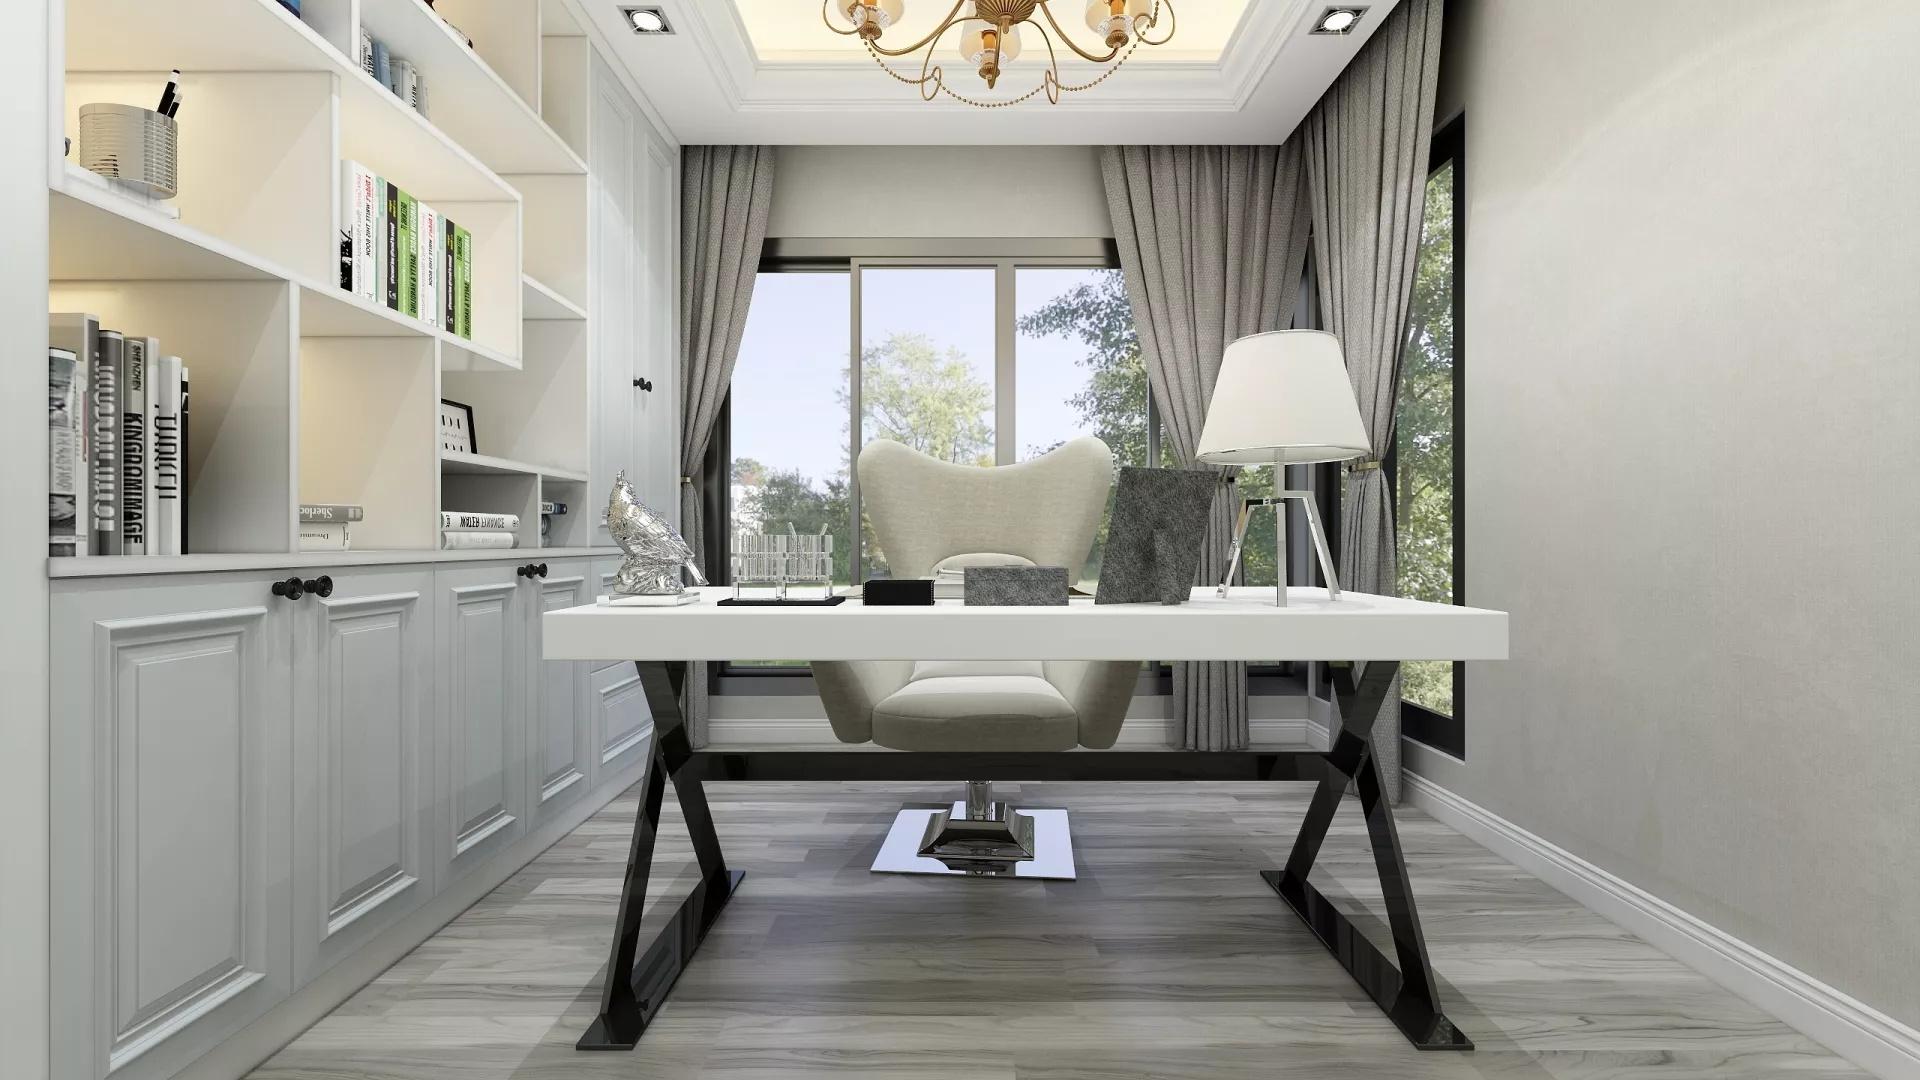 室內裝飾風格有哪些 流行的室內裝飾風格